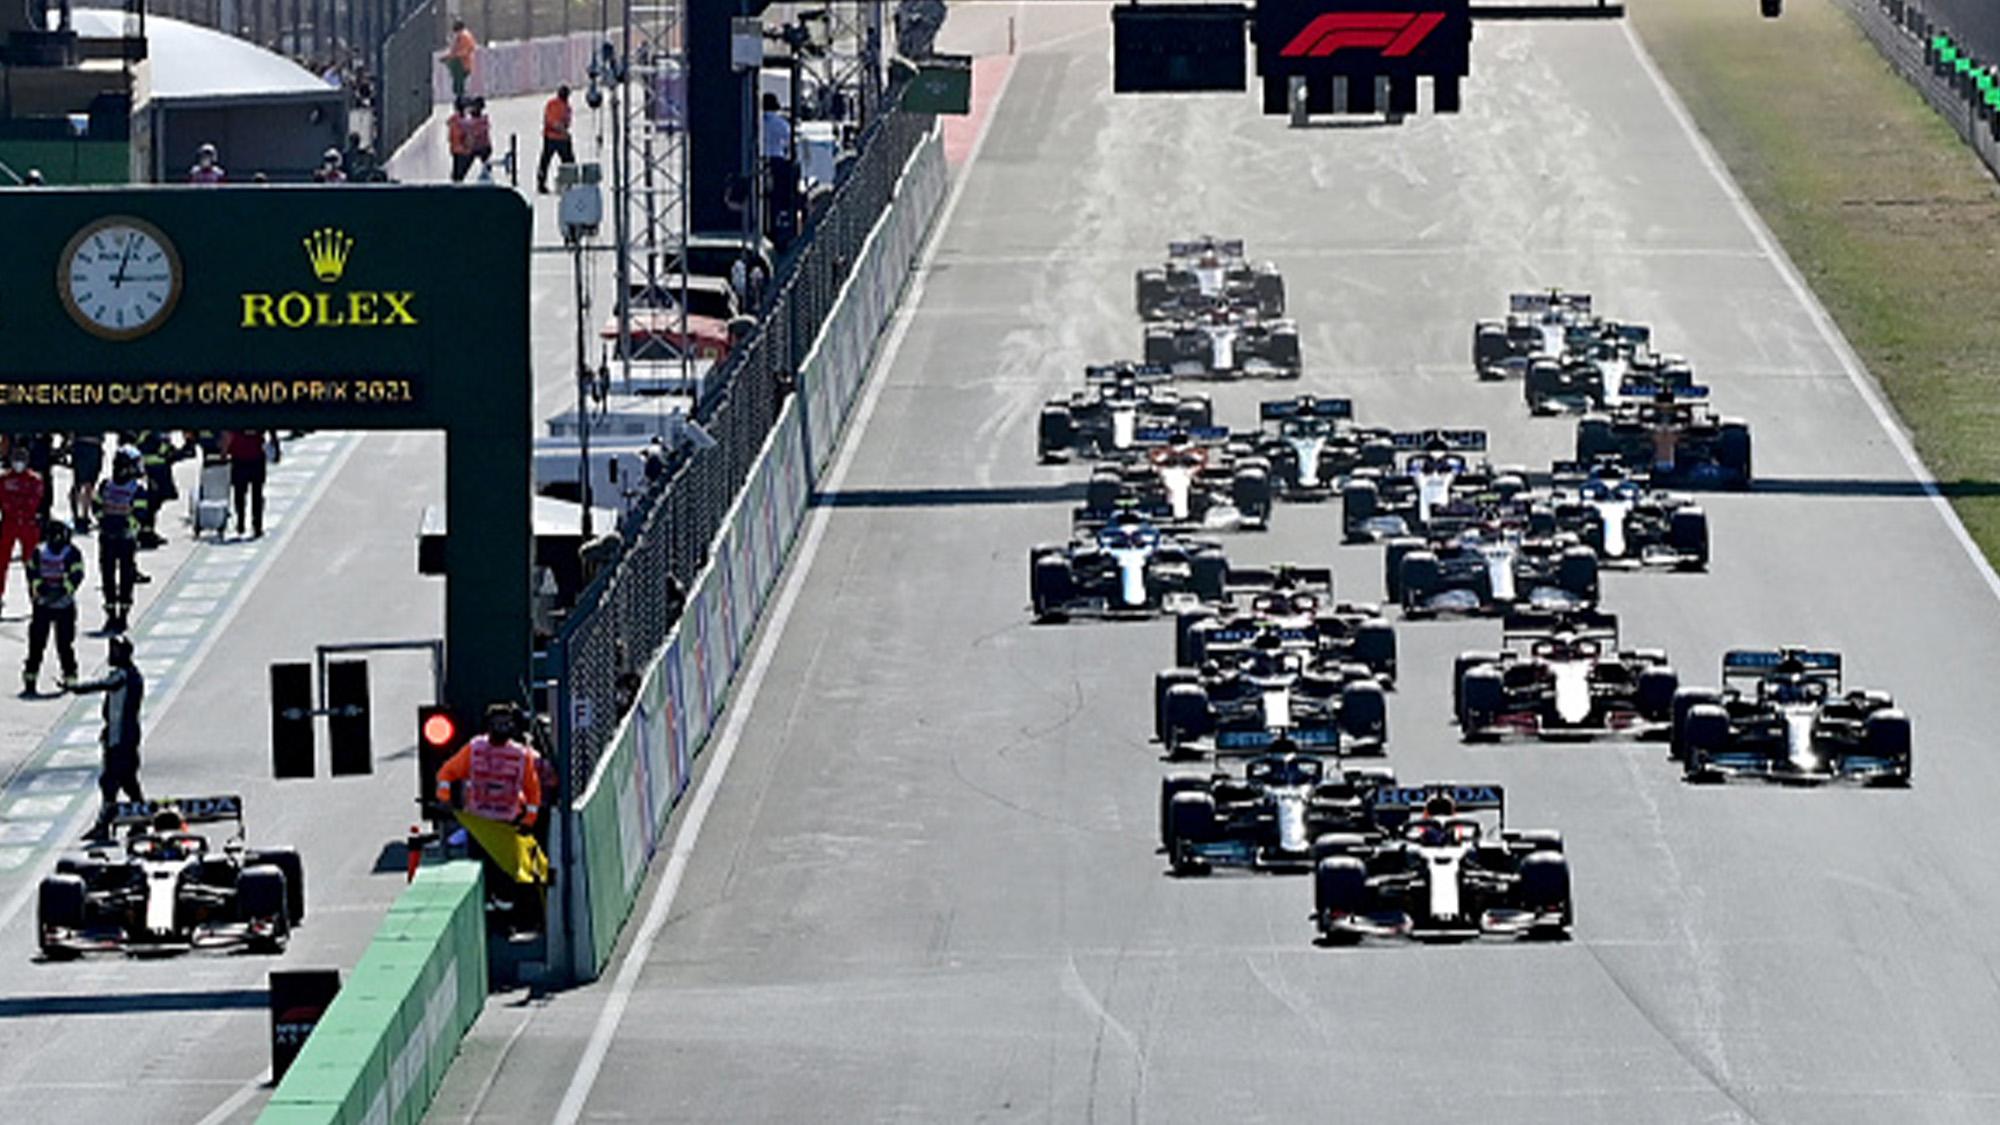 Start of the 2021 Dutch Grand Prix